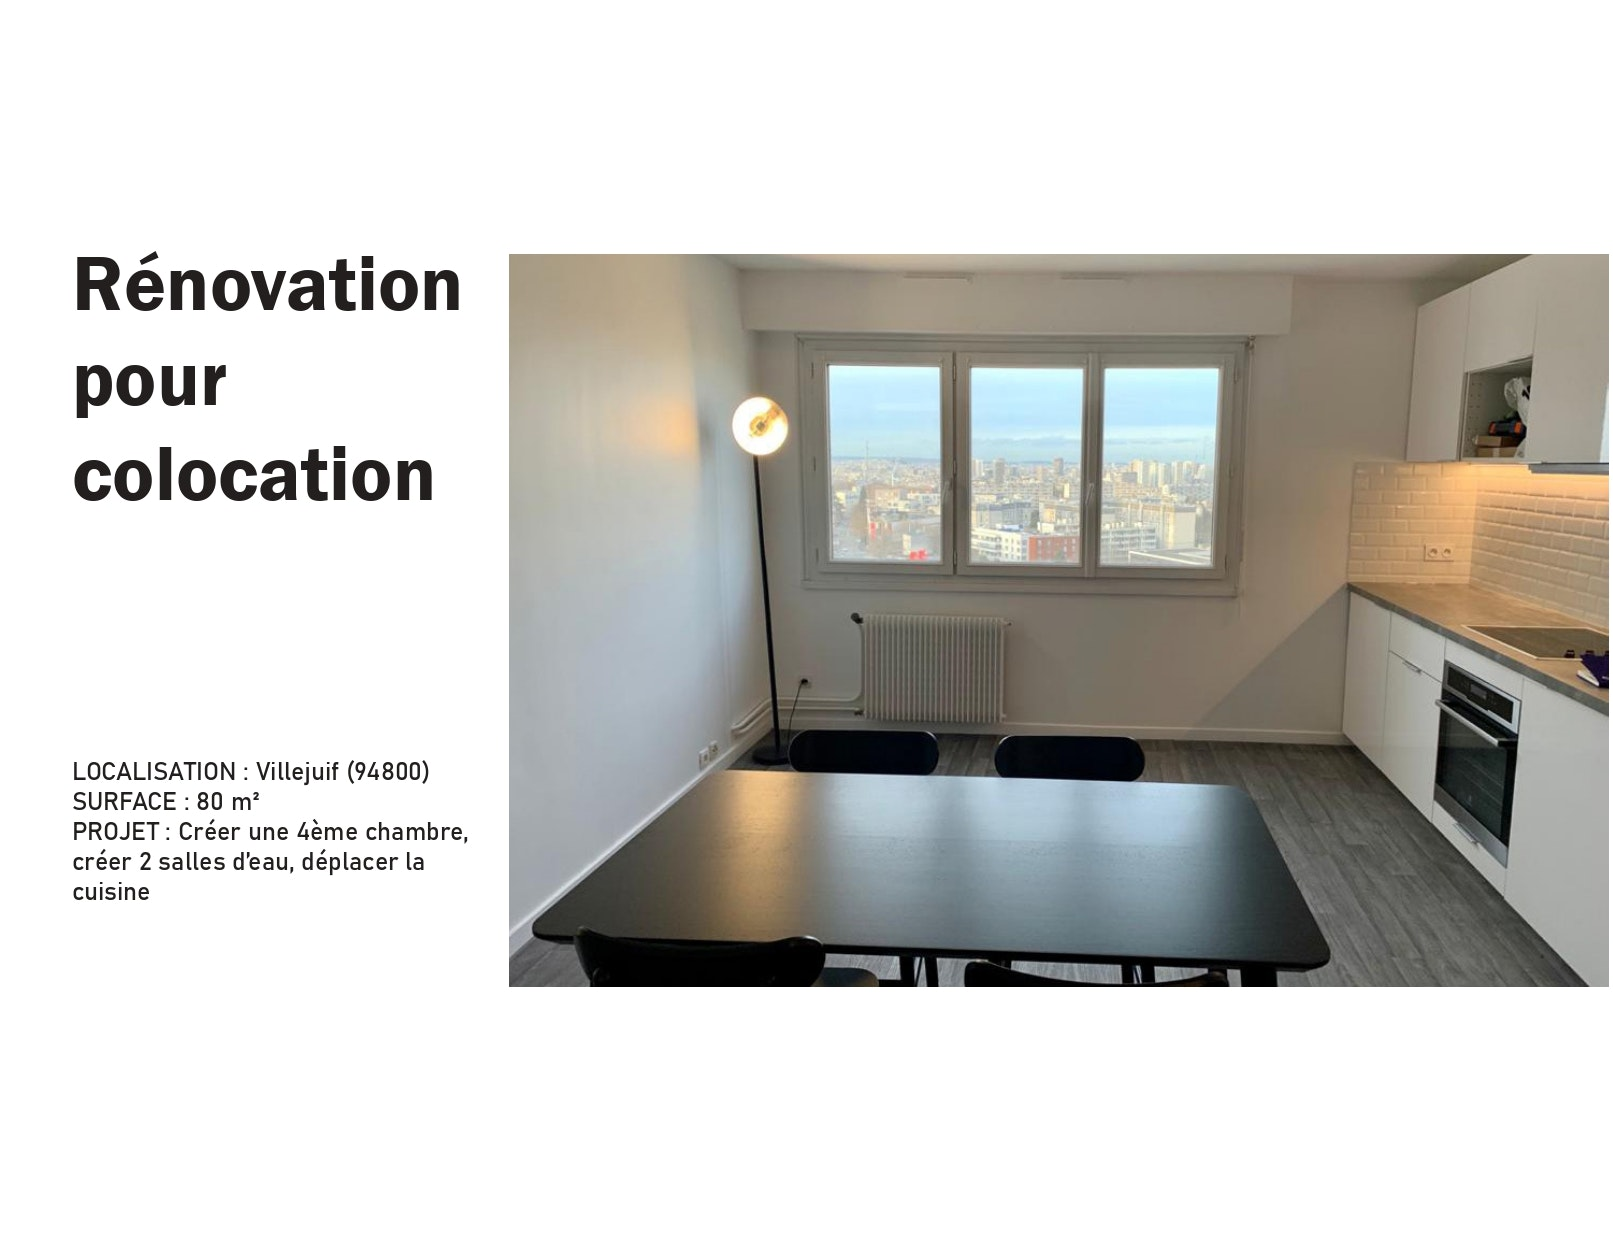 photo Rénovation pour colocation Manon Le Gall - Architecte hemea